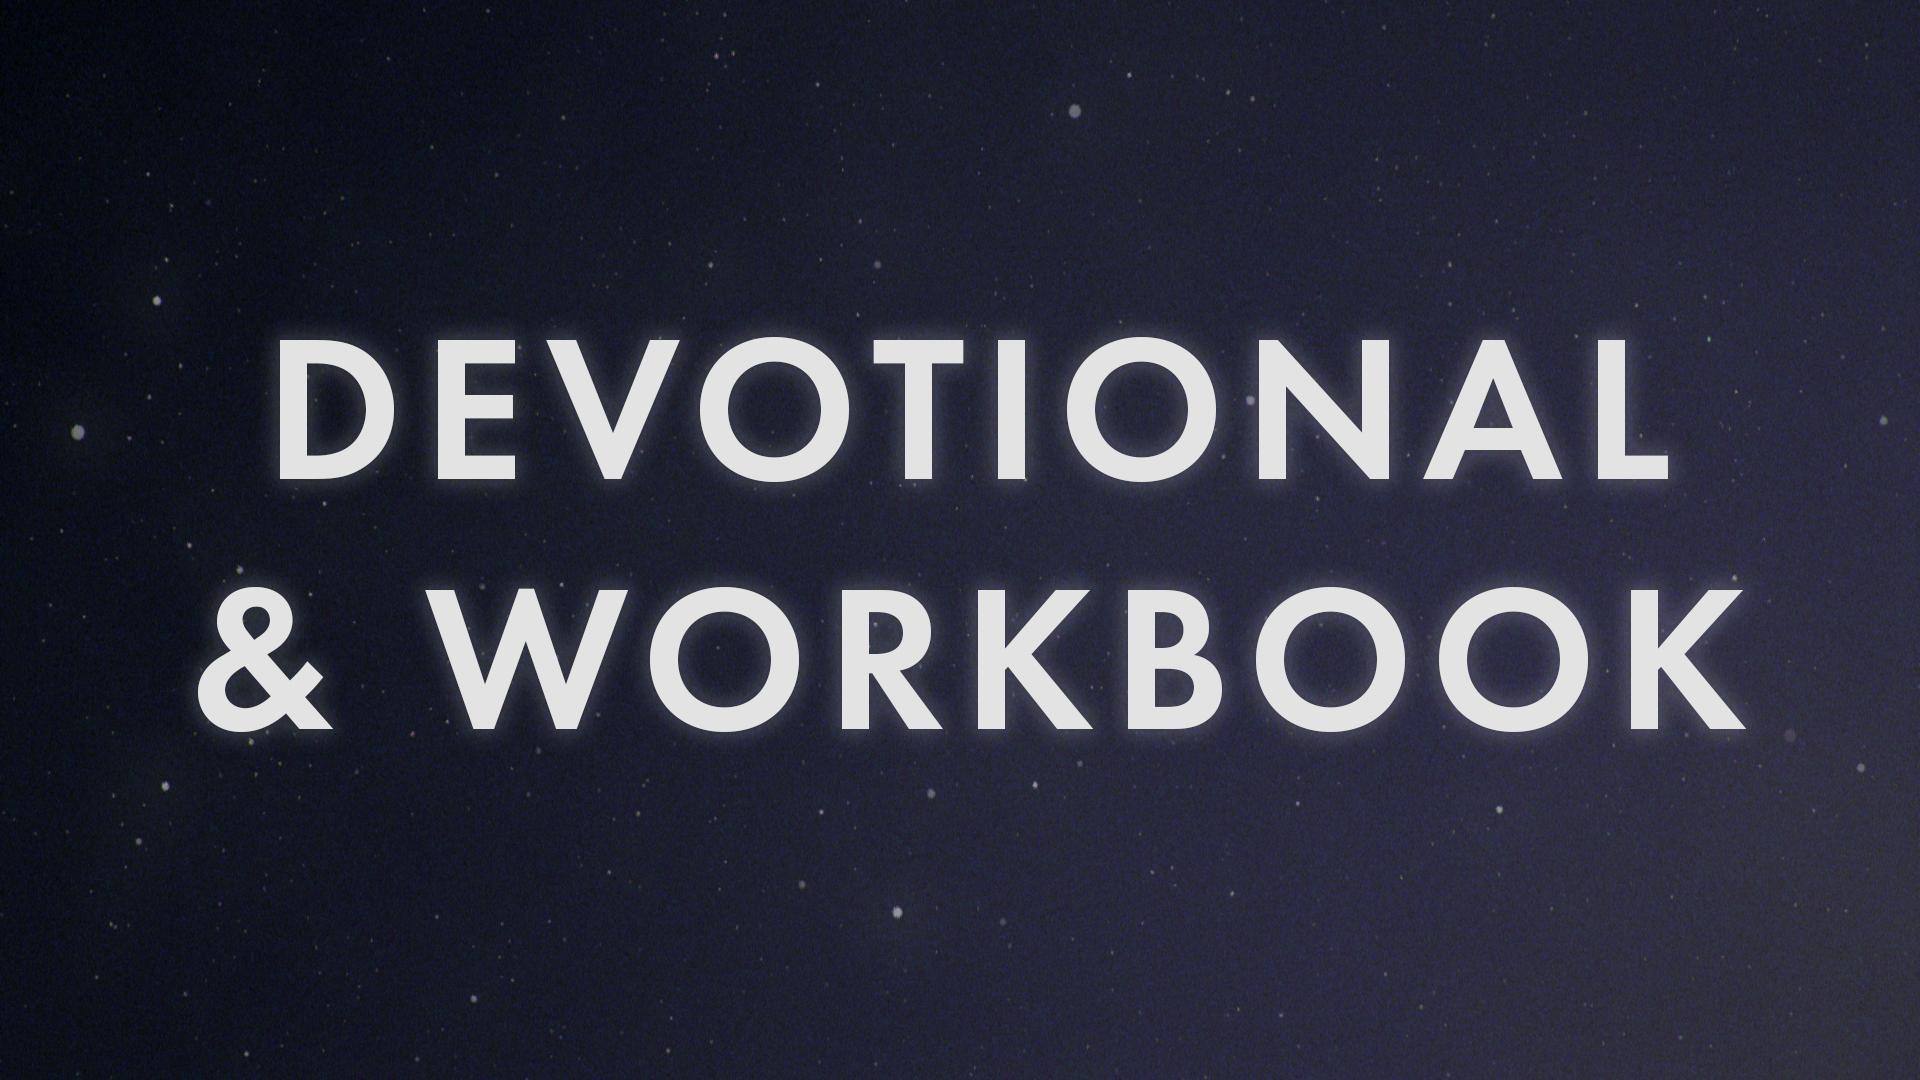 devo-workbook-sent-thumb.jpg